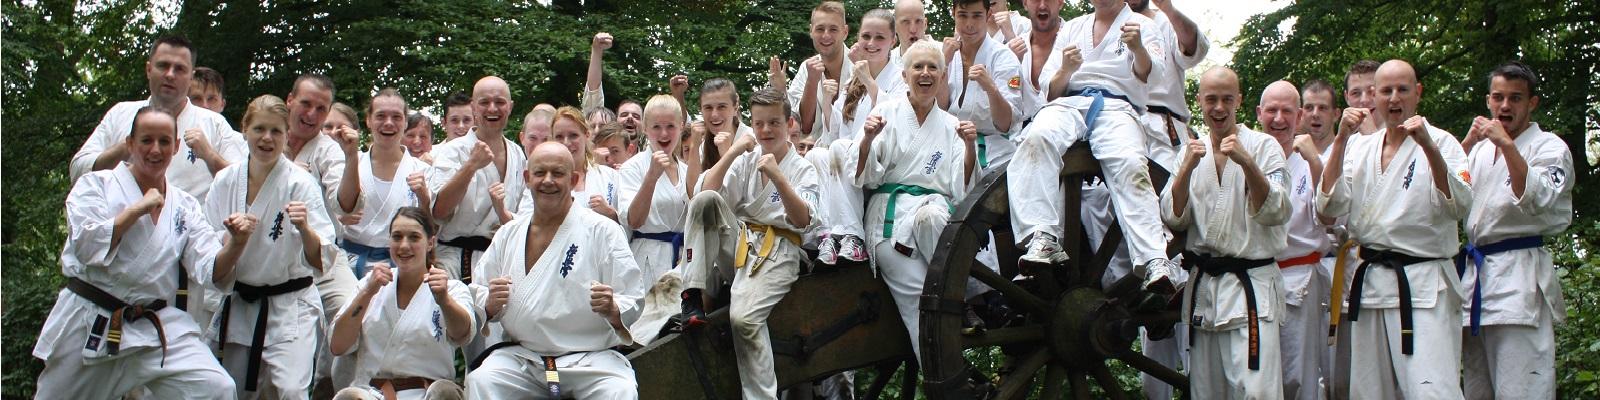 Meedoen aan kyokushin activiteiten?